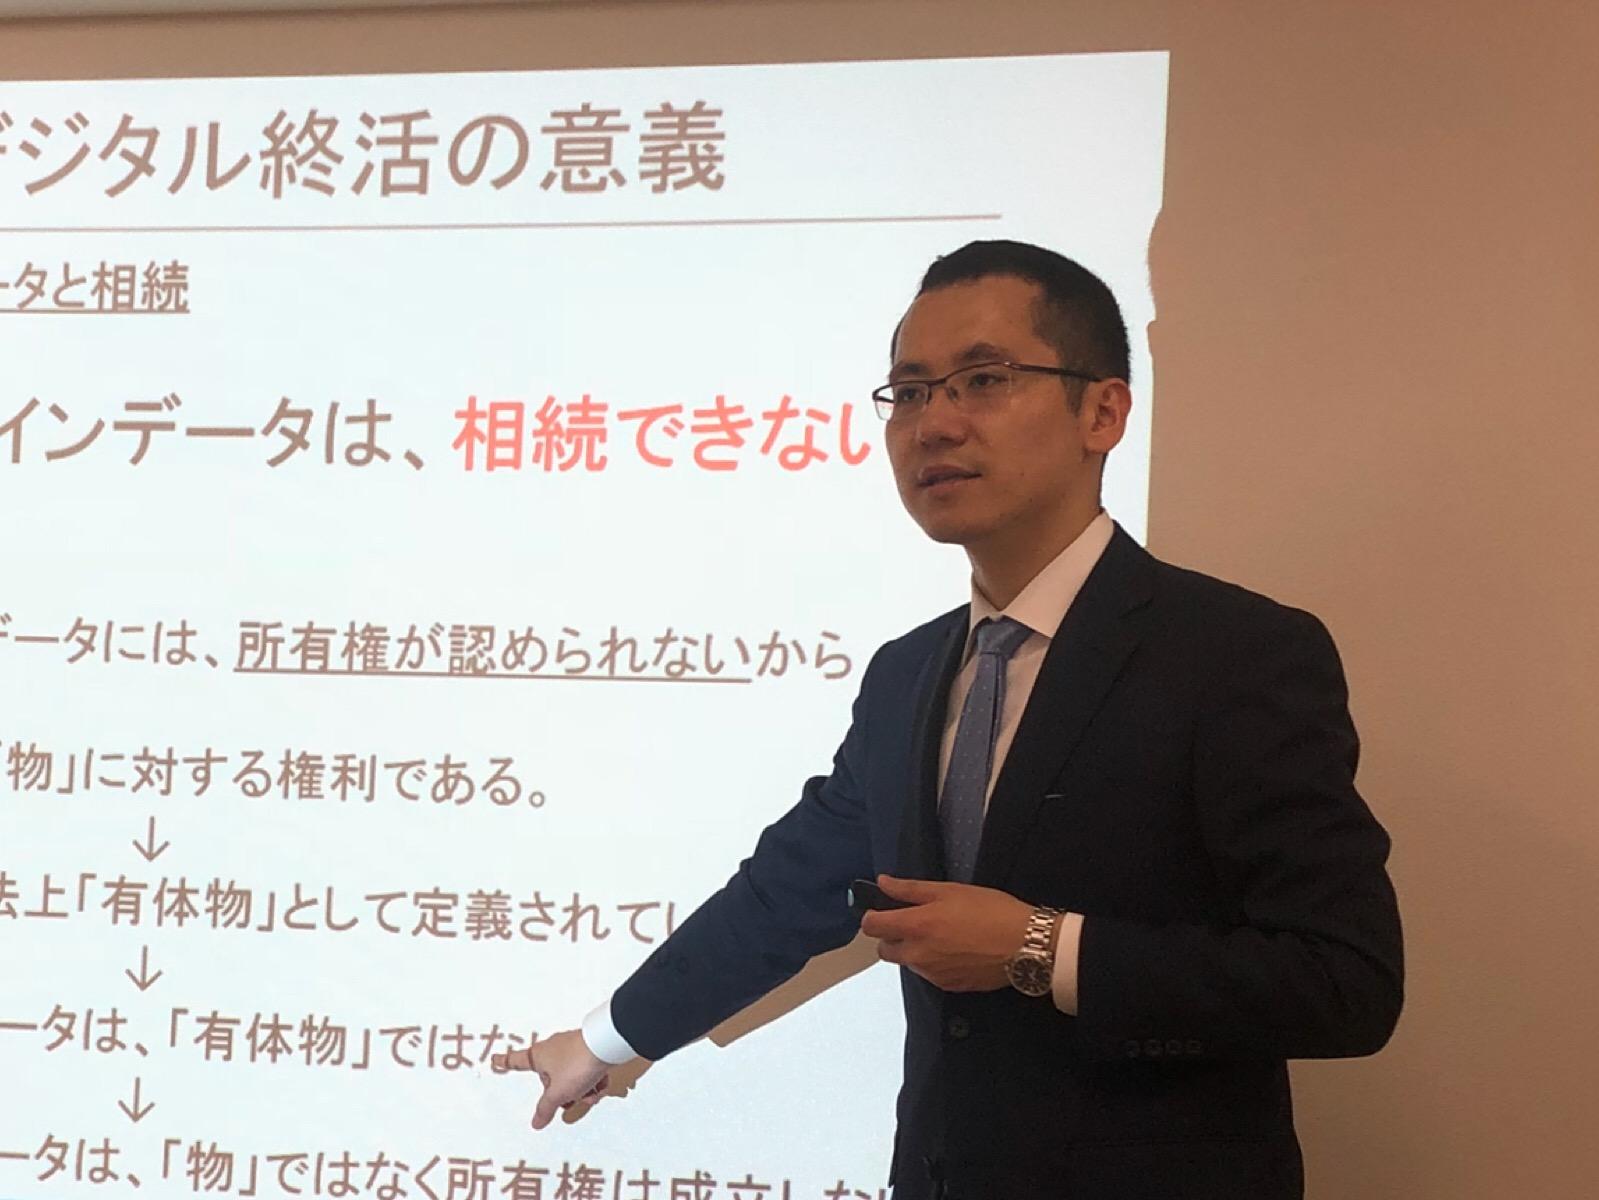 伊勢田弁護士セミナー風景